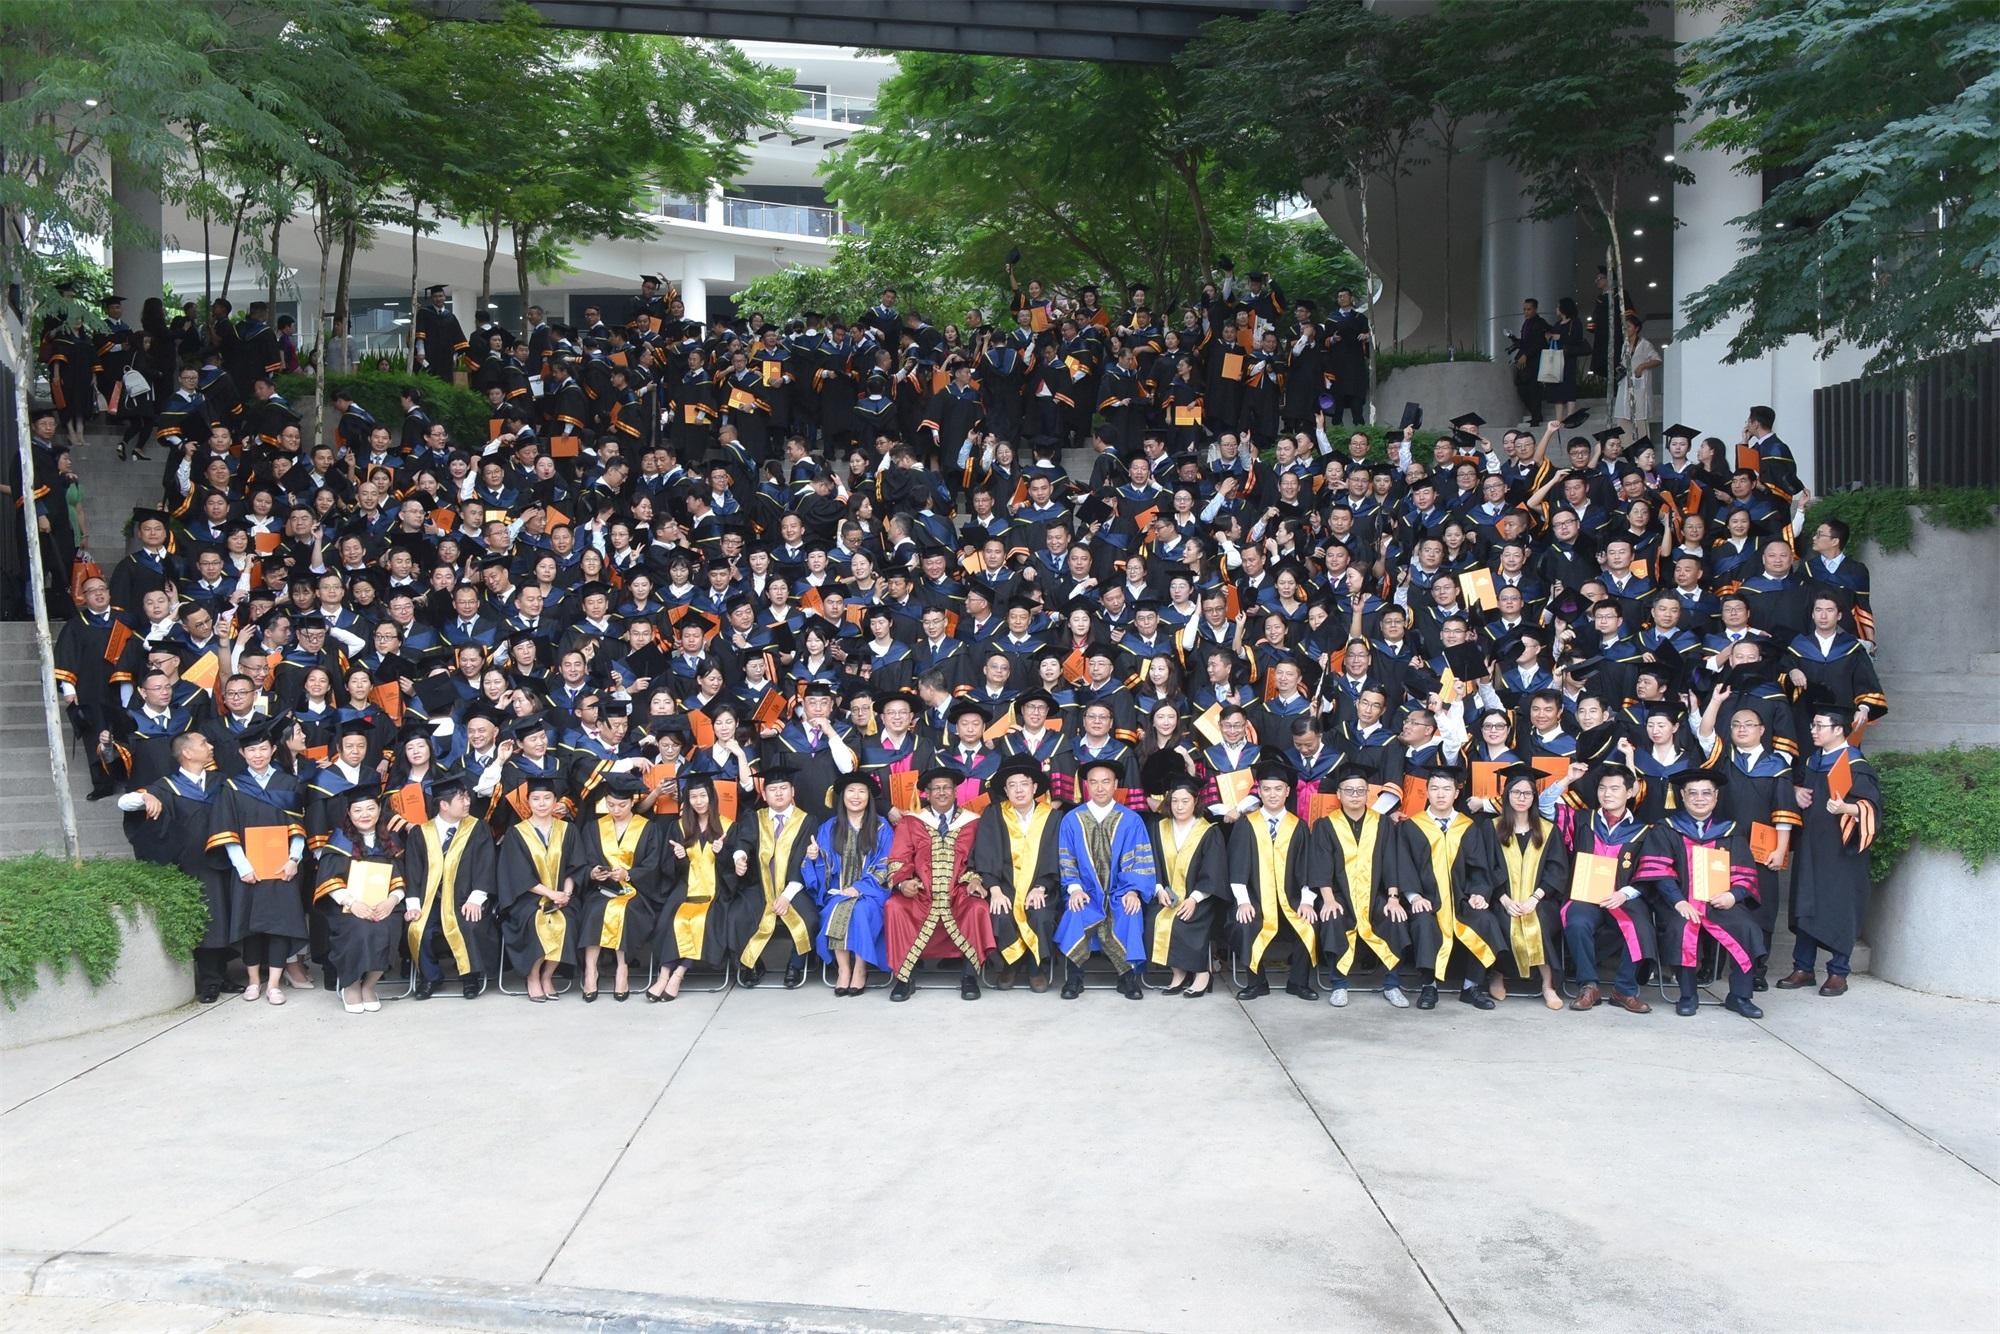 南孔教育 亚洲城市大学MBA/DBA2019下半年度毕业典礼在吉隆坡隆重举行